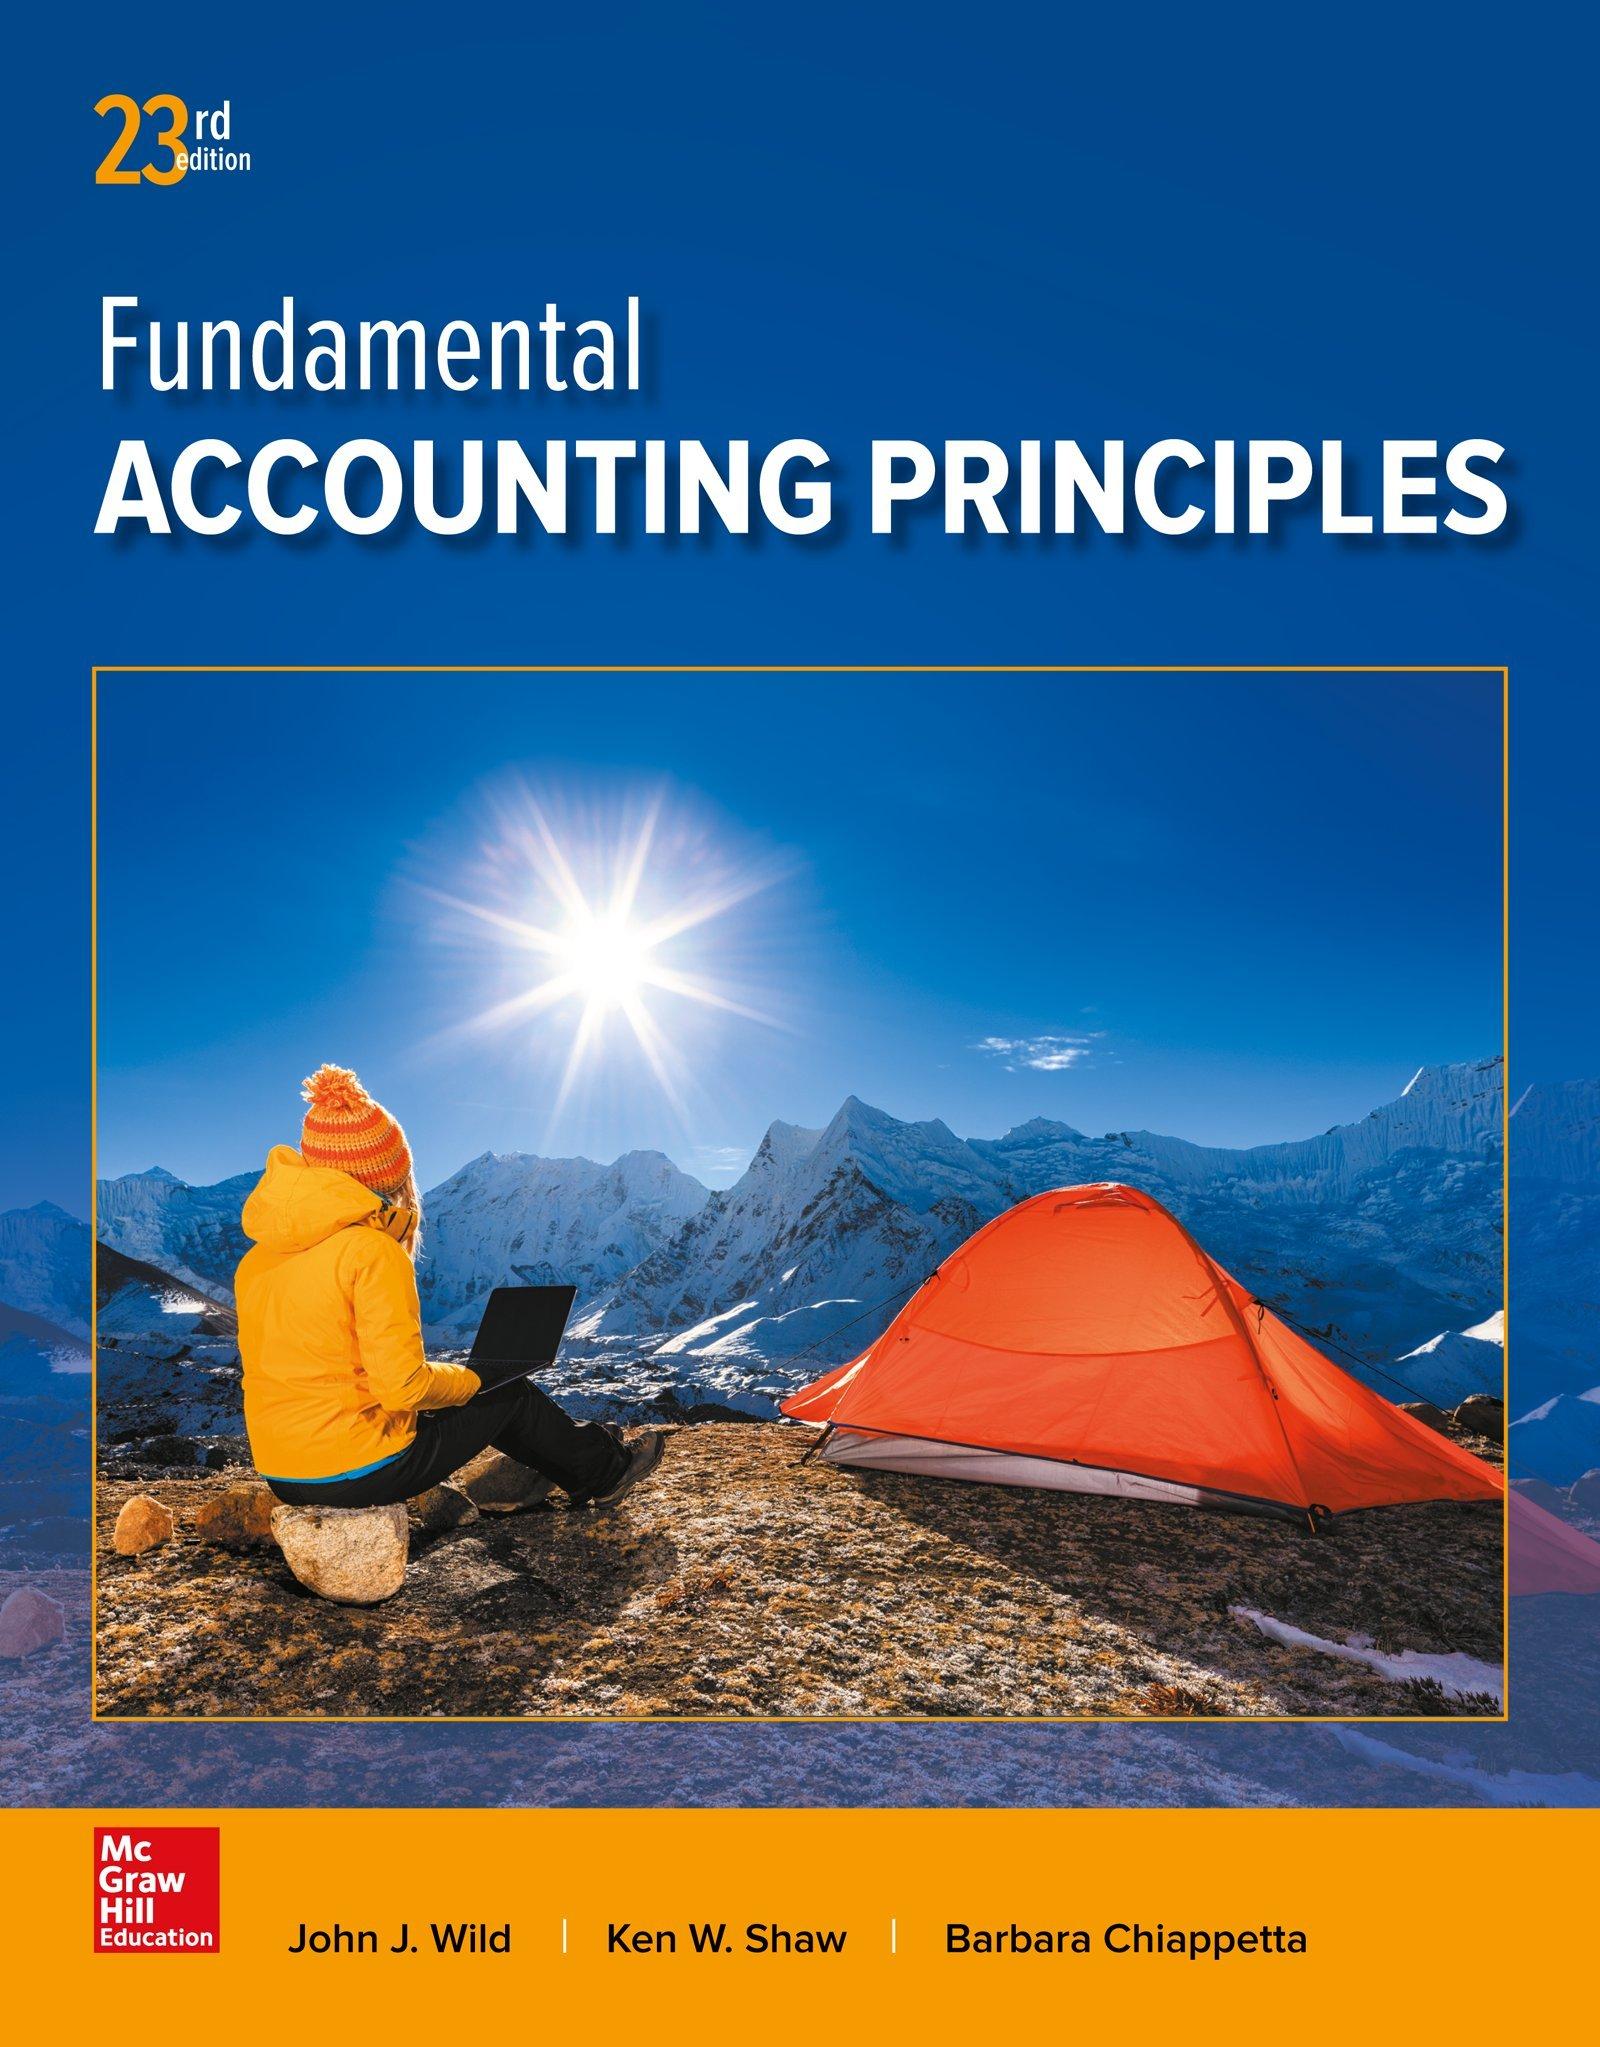 مبادئ المحاسبة الأساسيةFundamental Accounting Principles